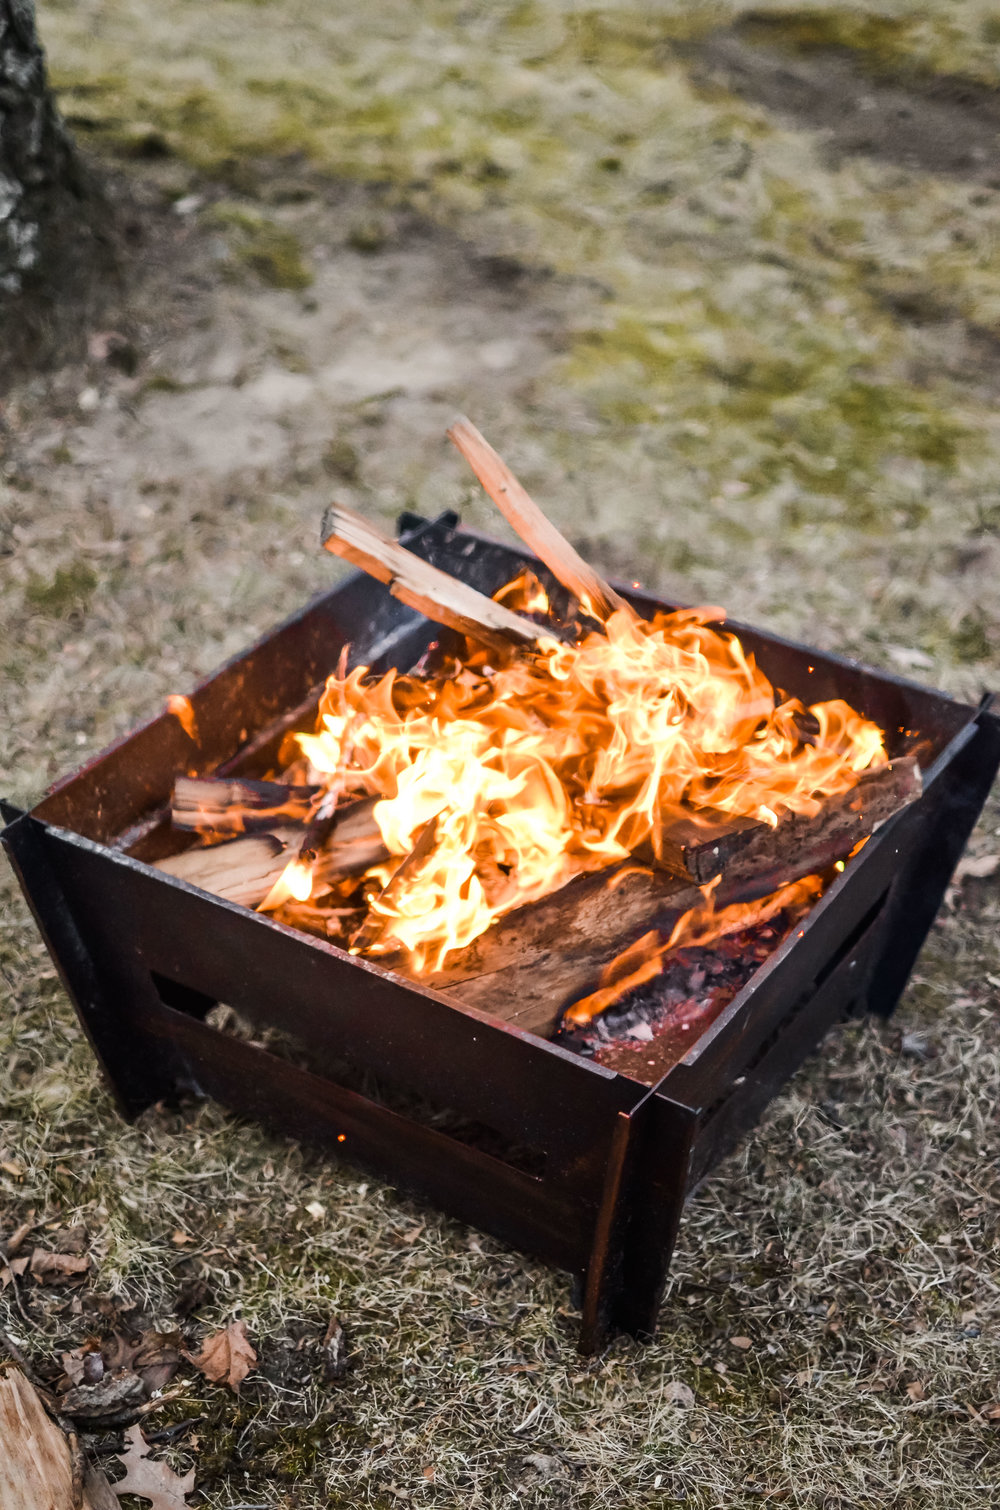 Spring_Is_Here_Bespoke_Post_Coaltree_Hammock_Camping.jpg